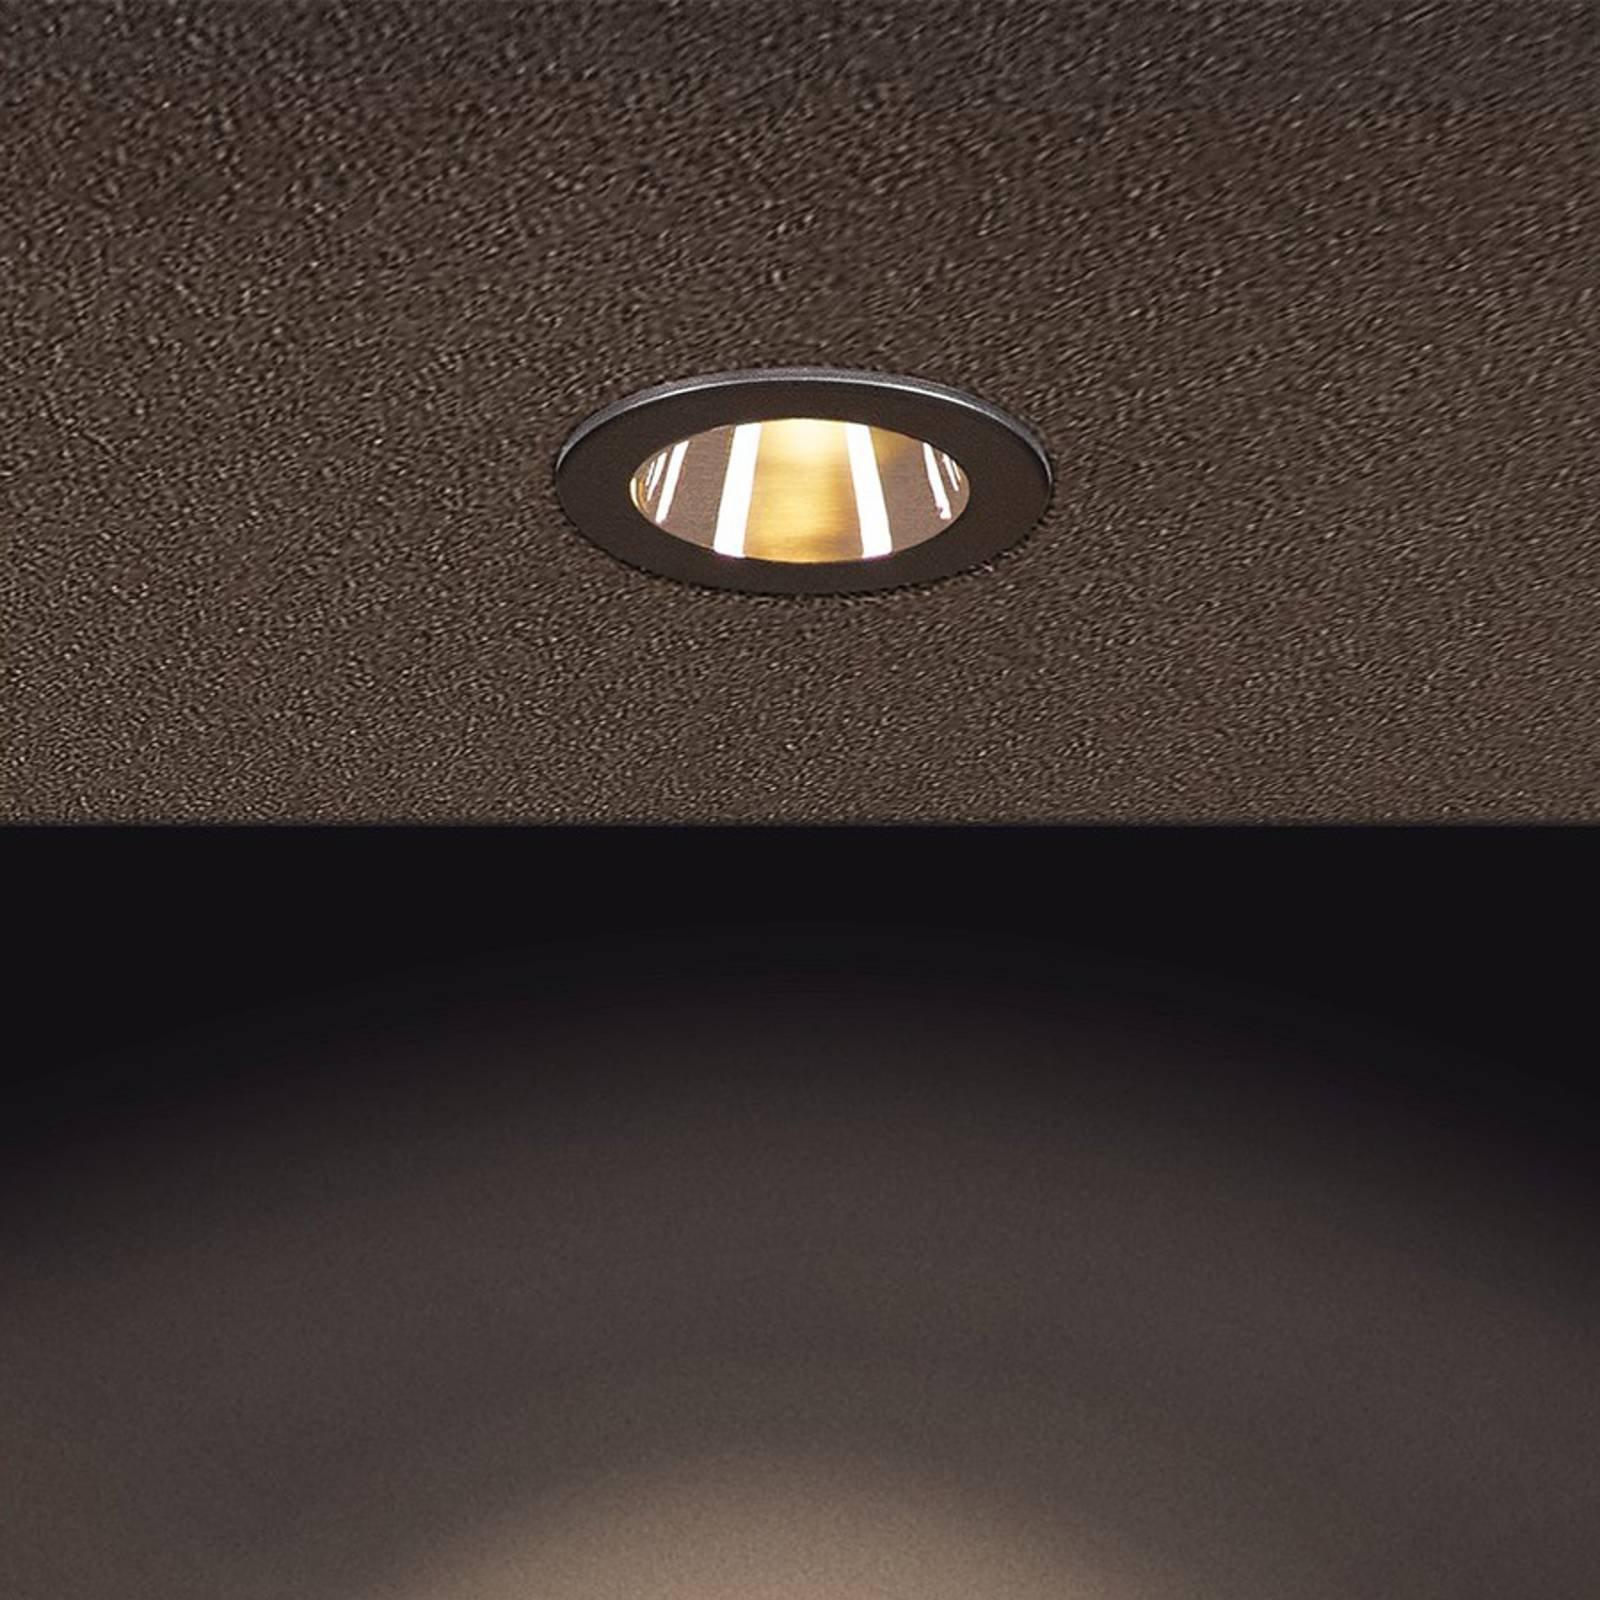 SLV H-Light 3 LED-innfellingslampe, matt svart